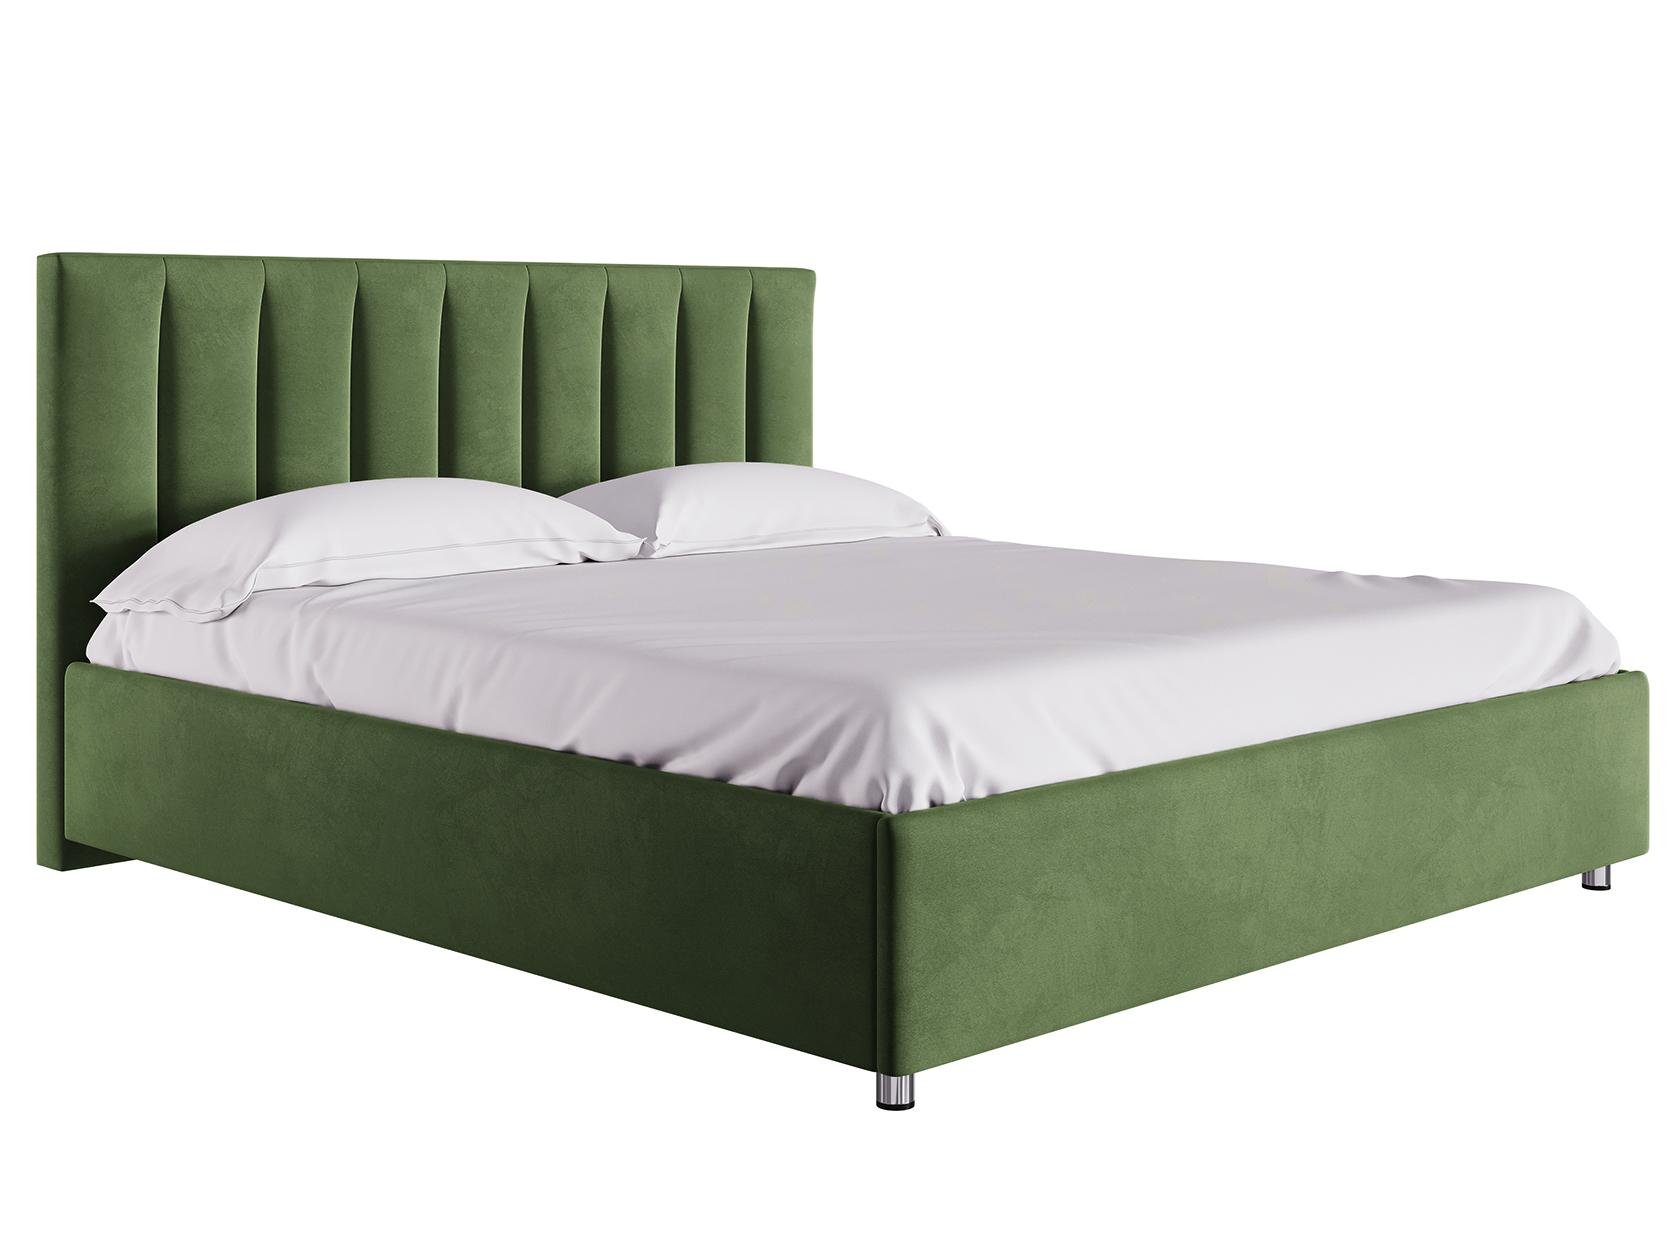 Двуспальная кровать с подъемным механизмом Кармэн Зелёный,